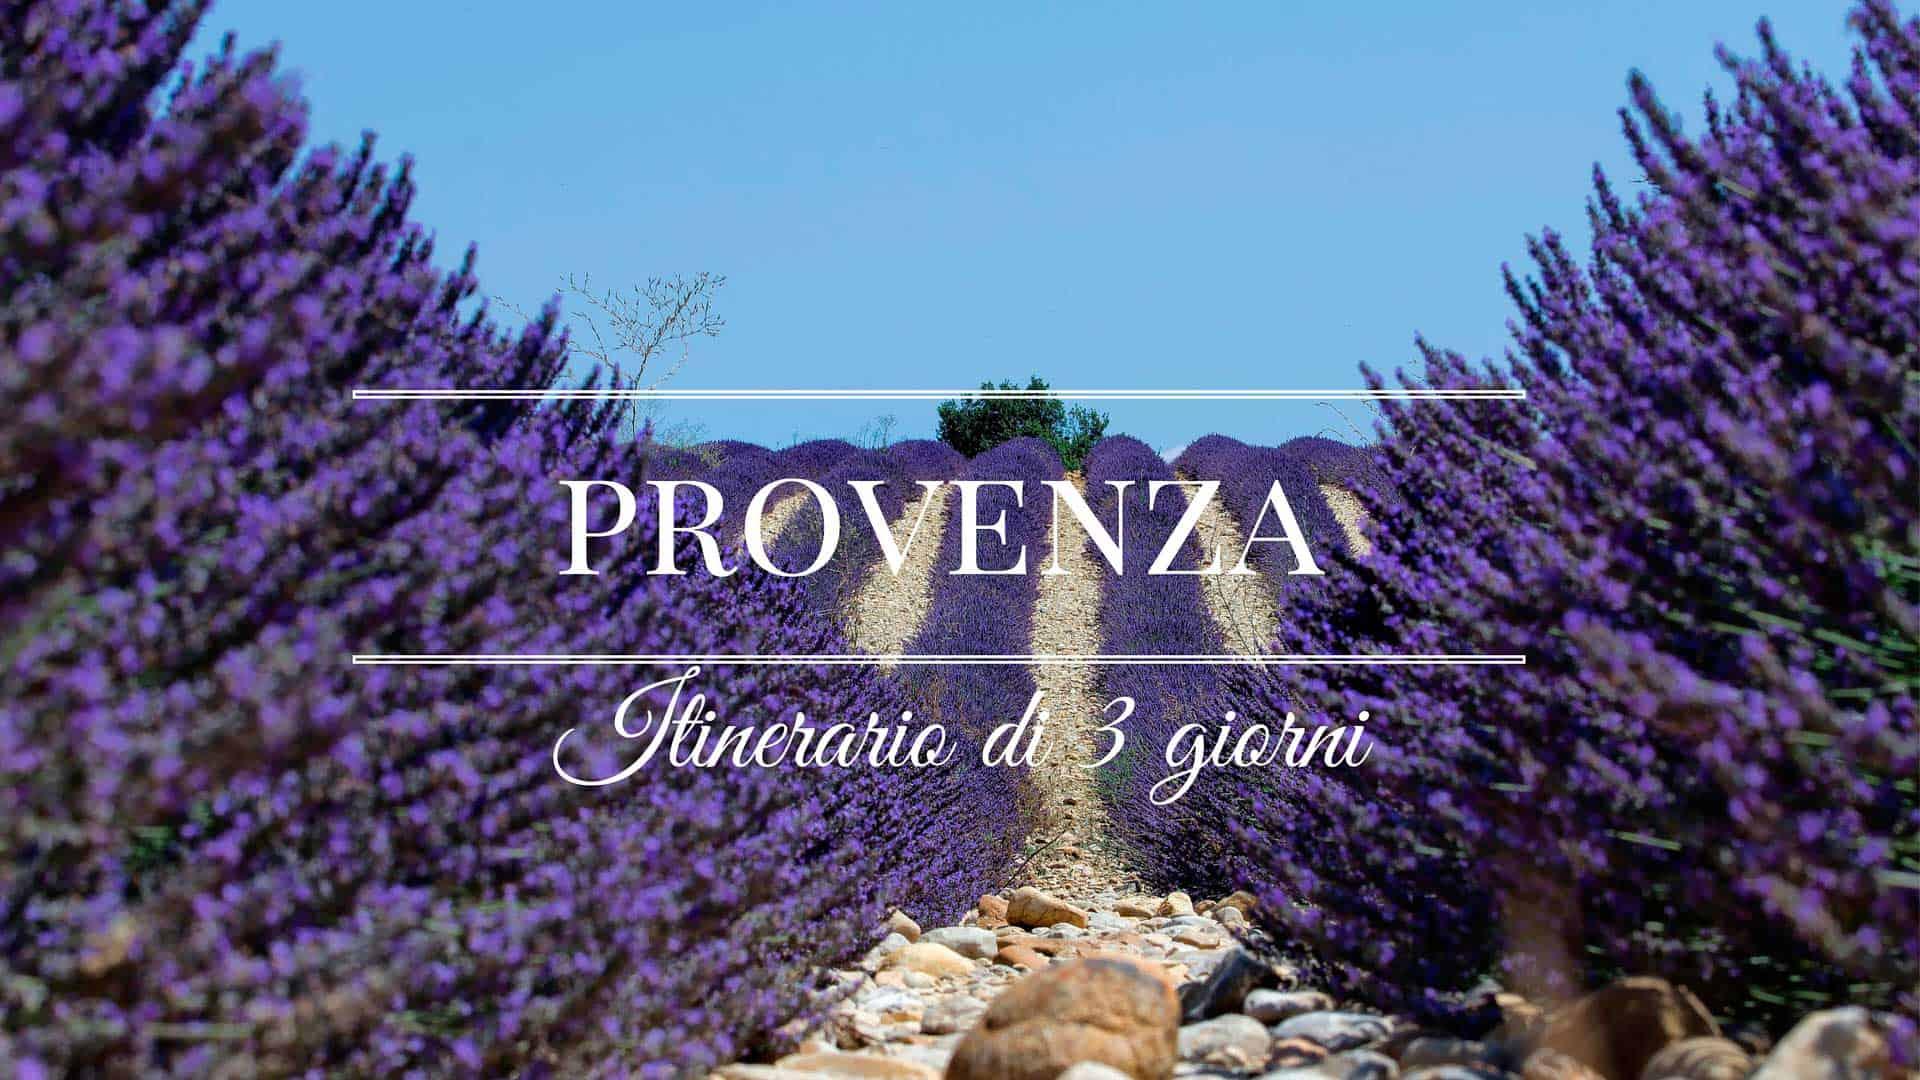 Provenza itinerario di 3 giorni tra la lavanda - La provenza italiana ...